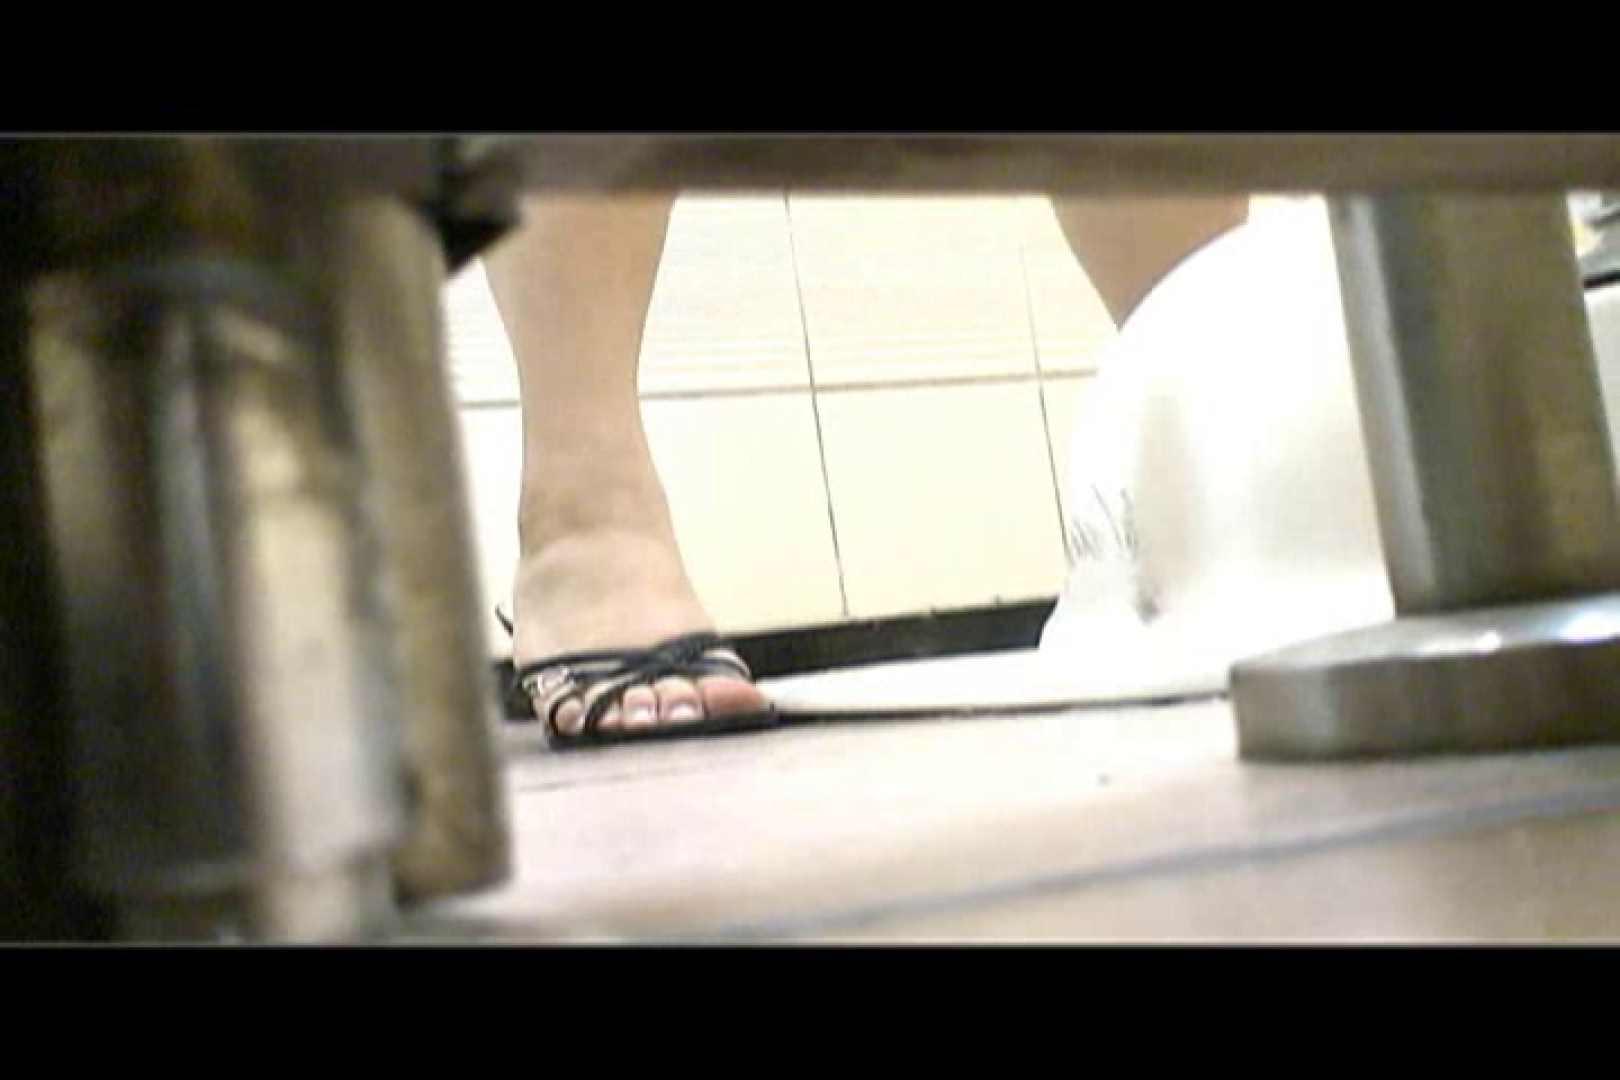 マンコ丸見え女子洗面所Vol.6 盗撮師作品 おまんこ無修正動画無料 98pic 17